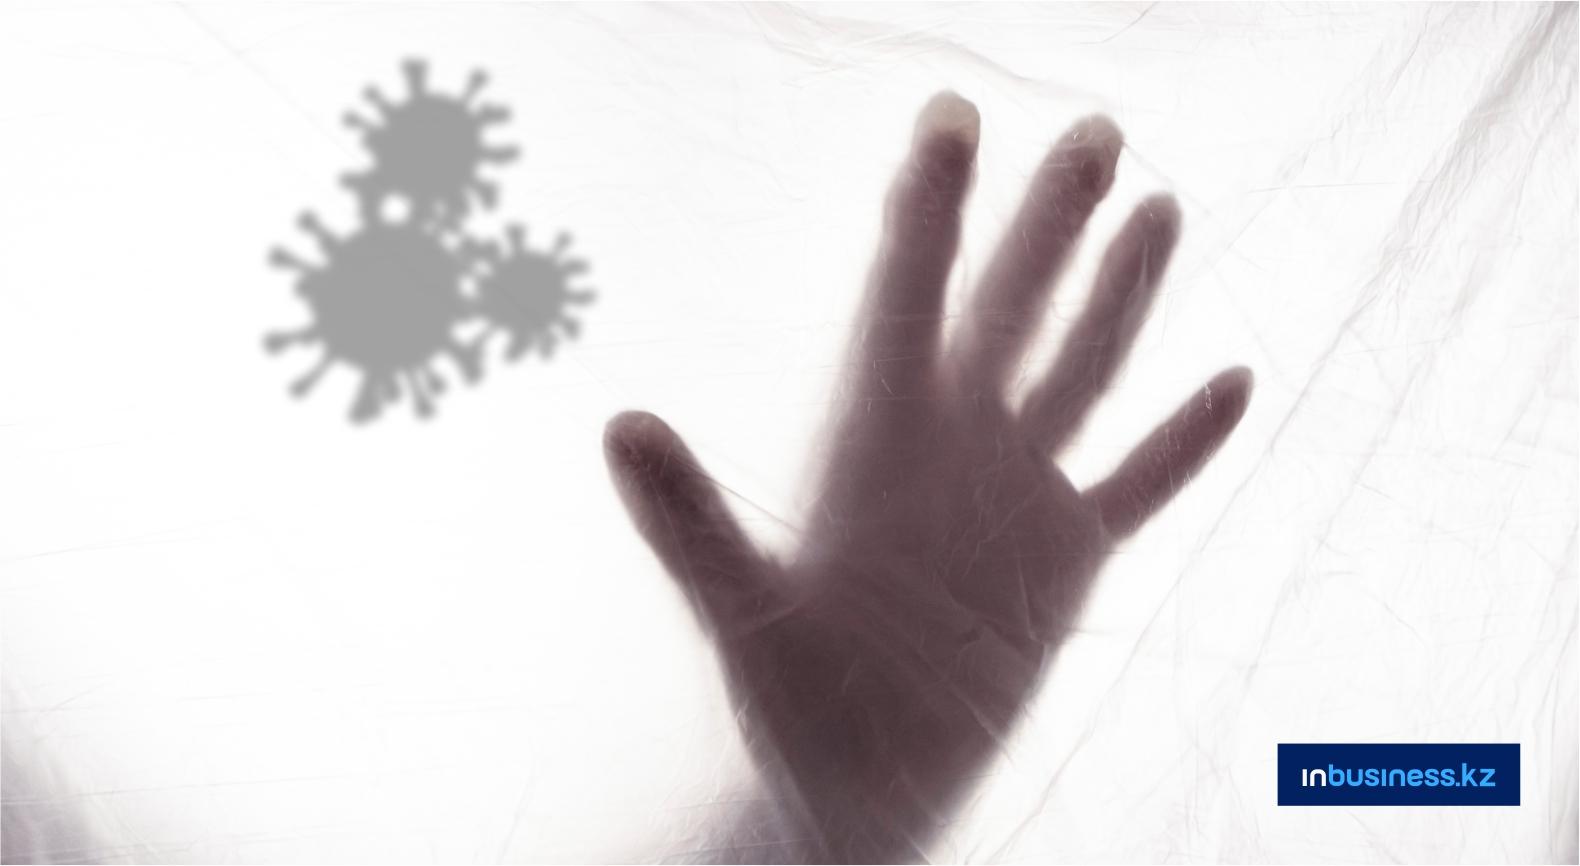 В России зафиксировано рекордное число смертей от коронавируса за сутки